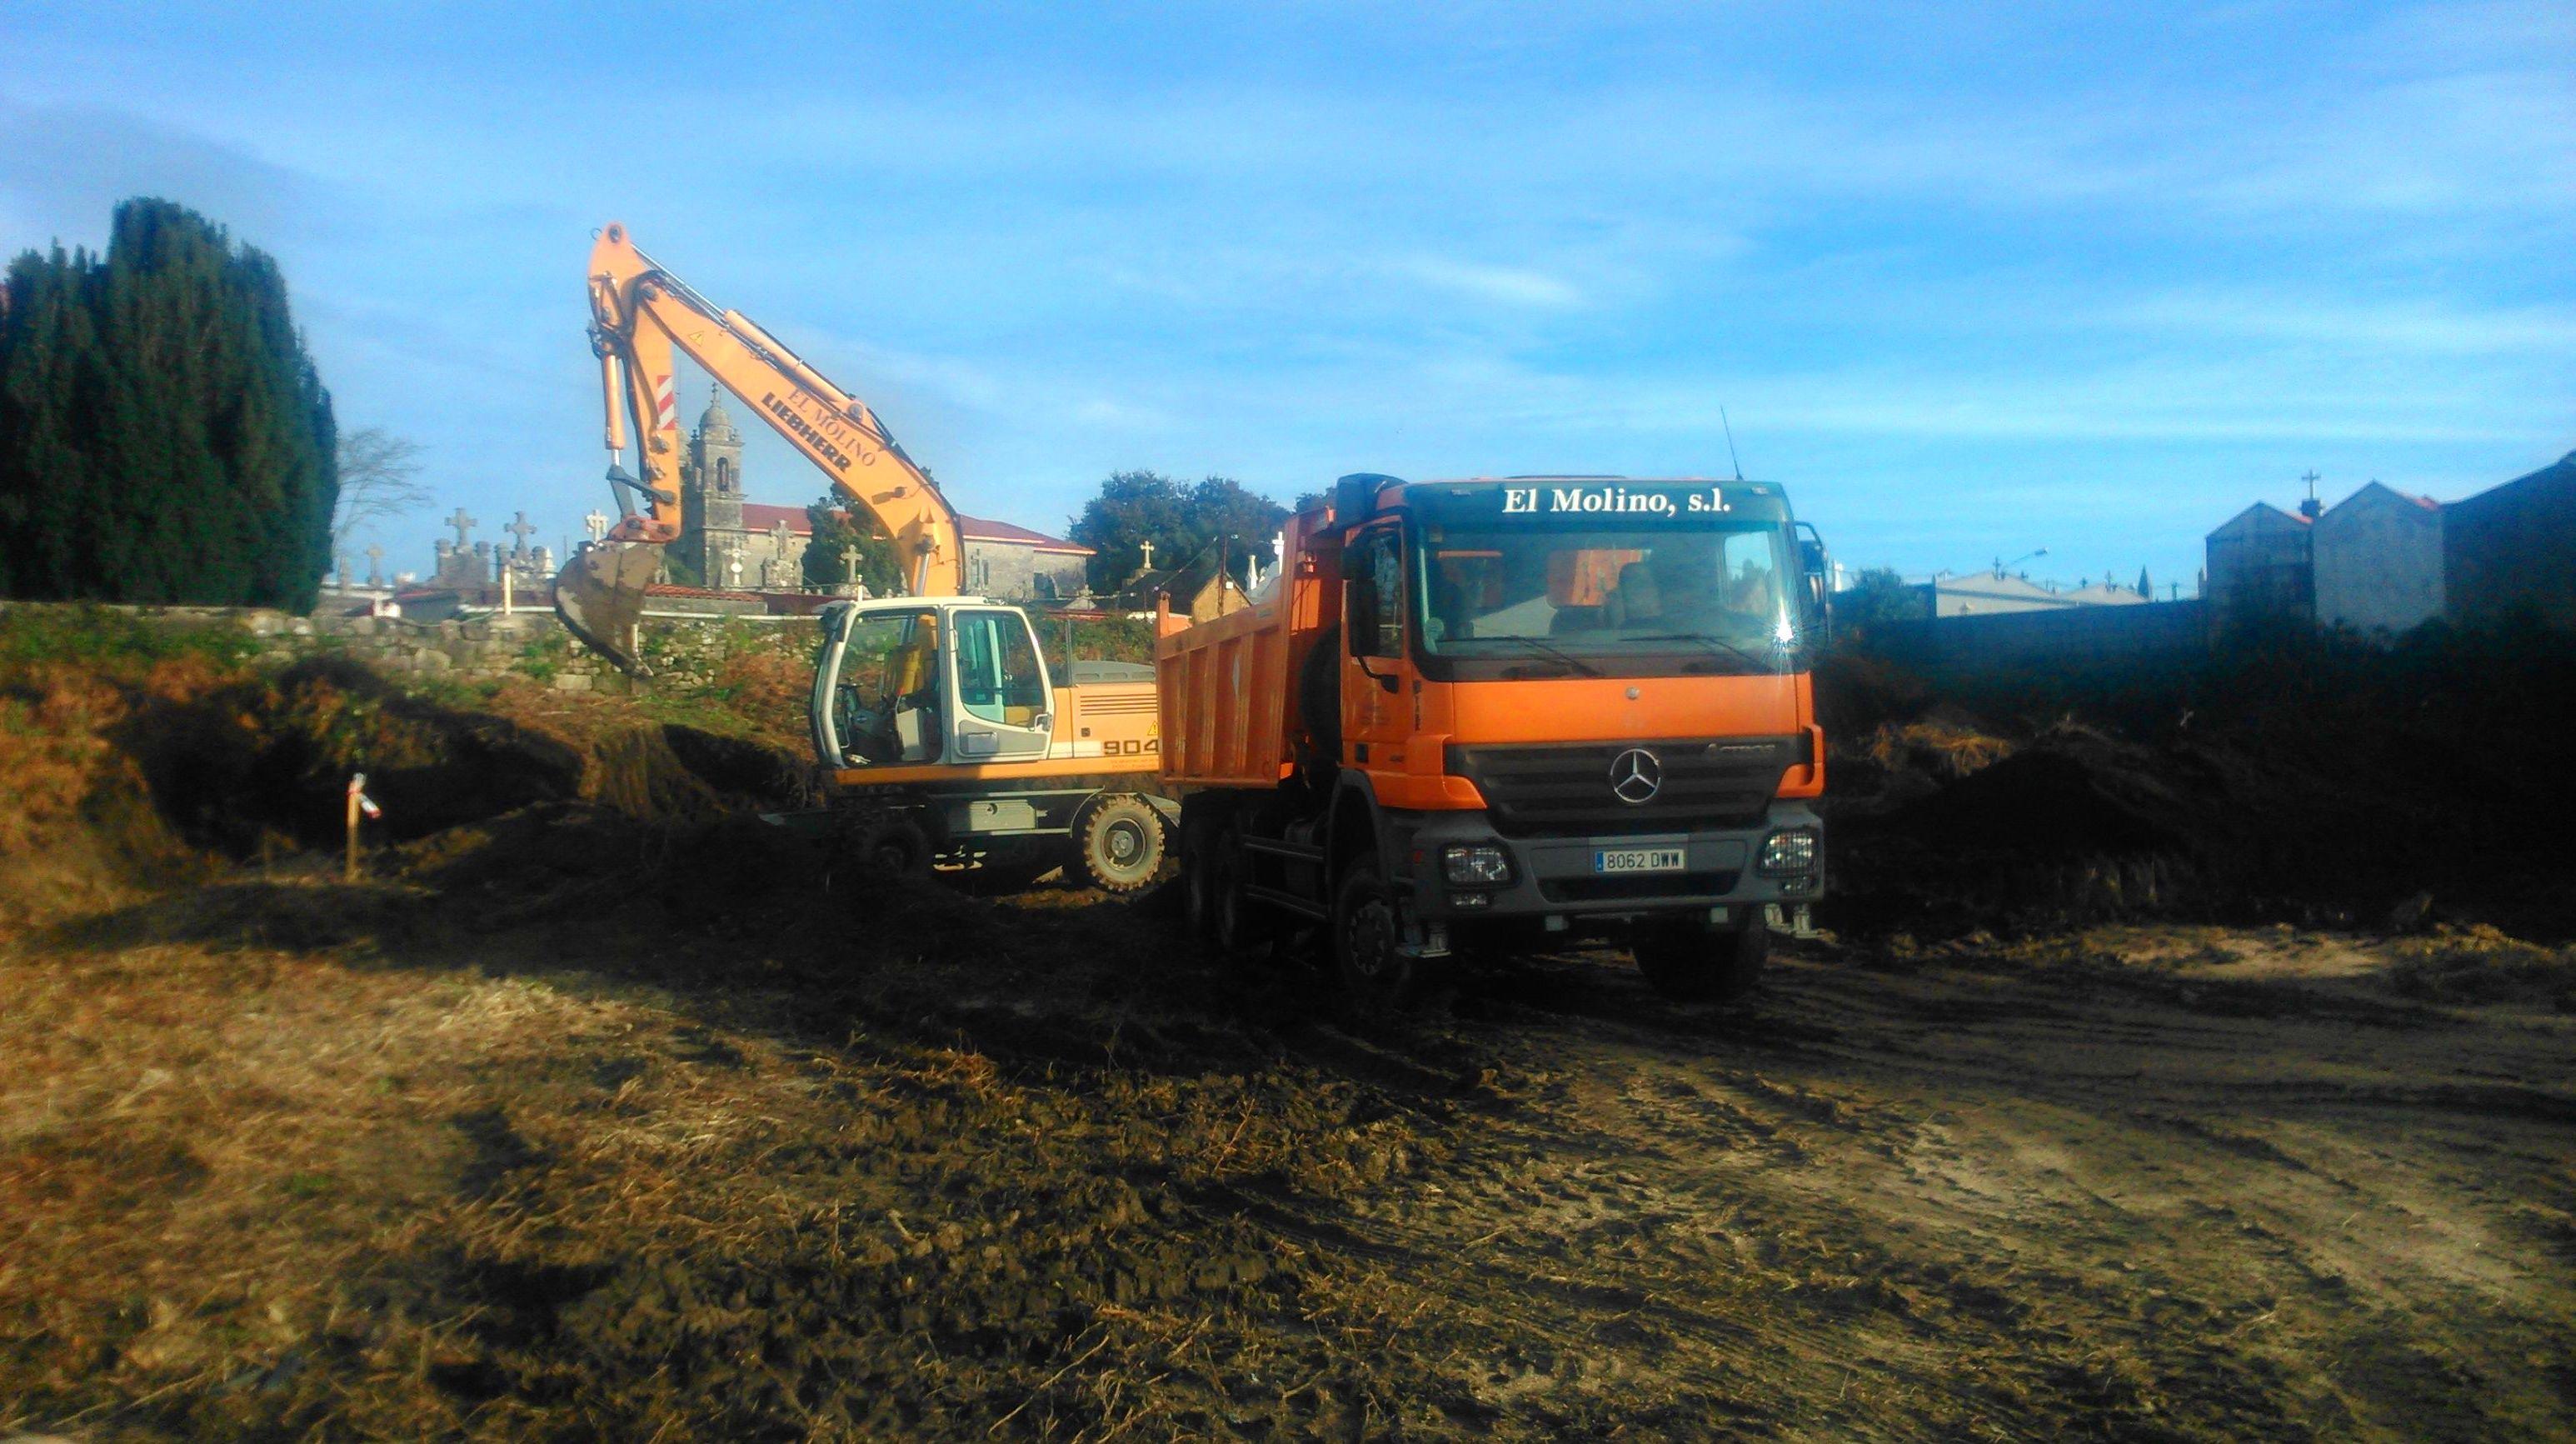 inicio de los trabajos para el nuevo centro social de Salcedo-Pontevedra